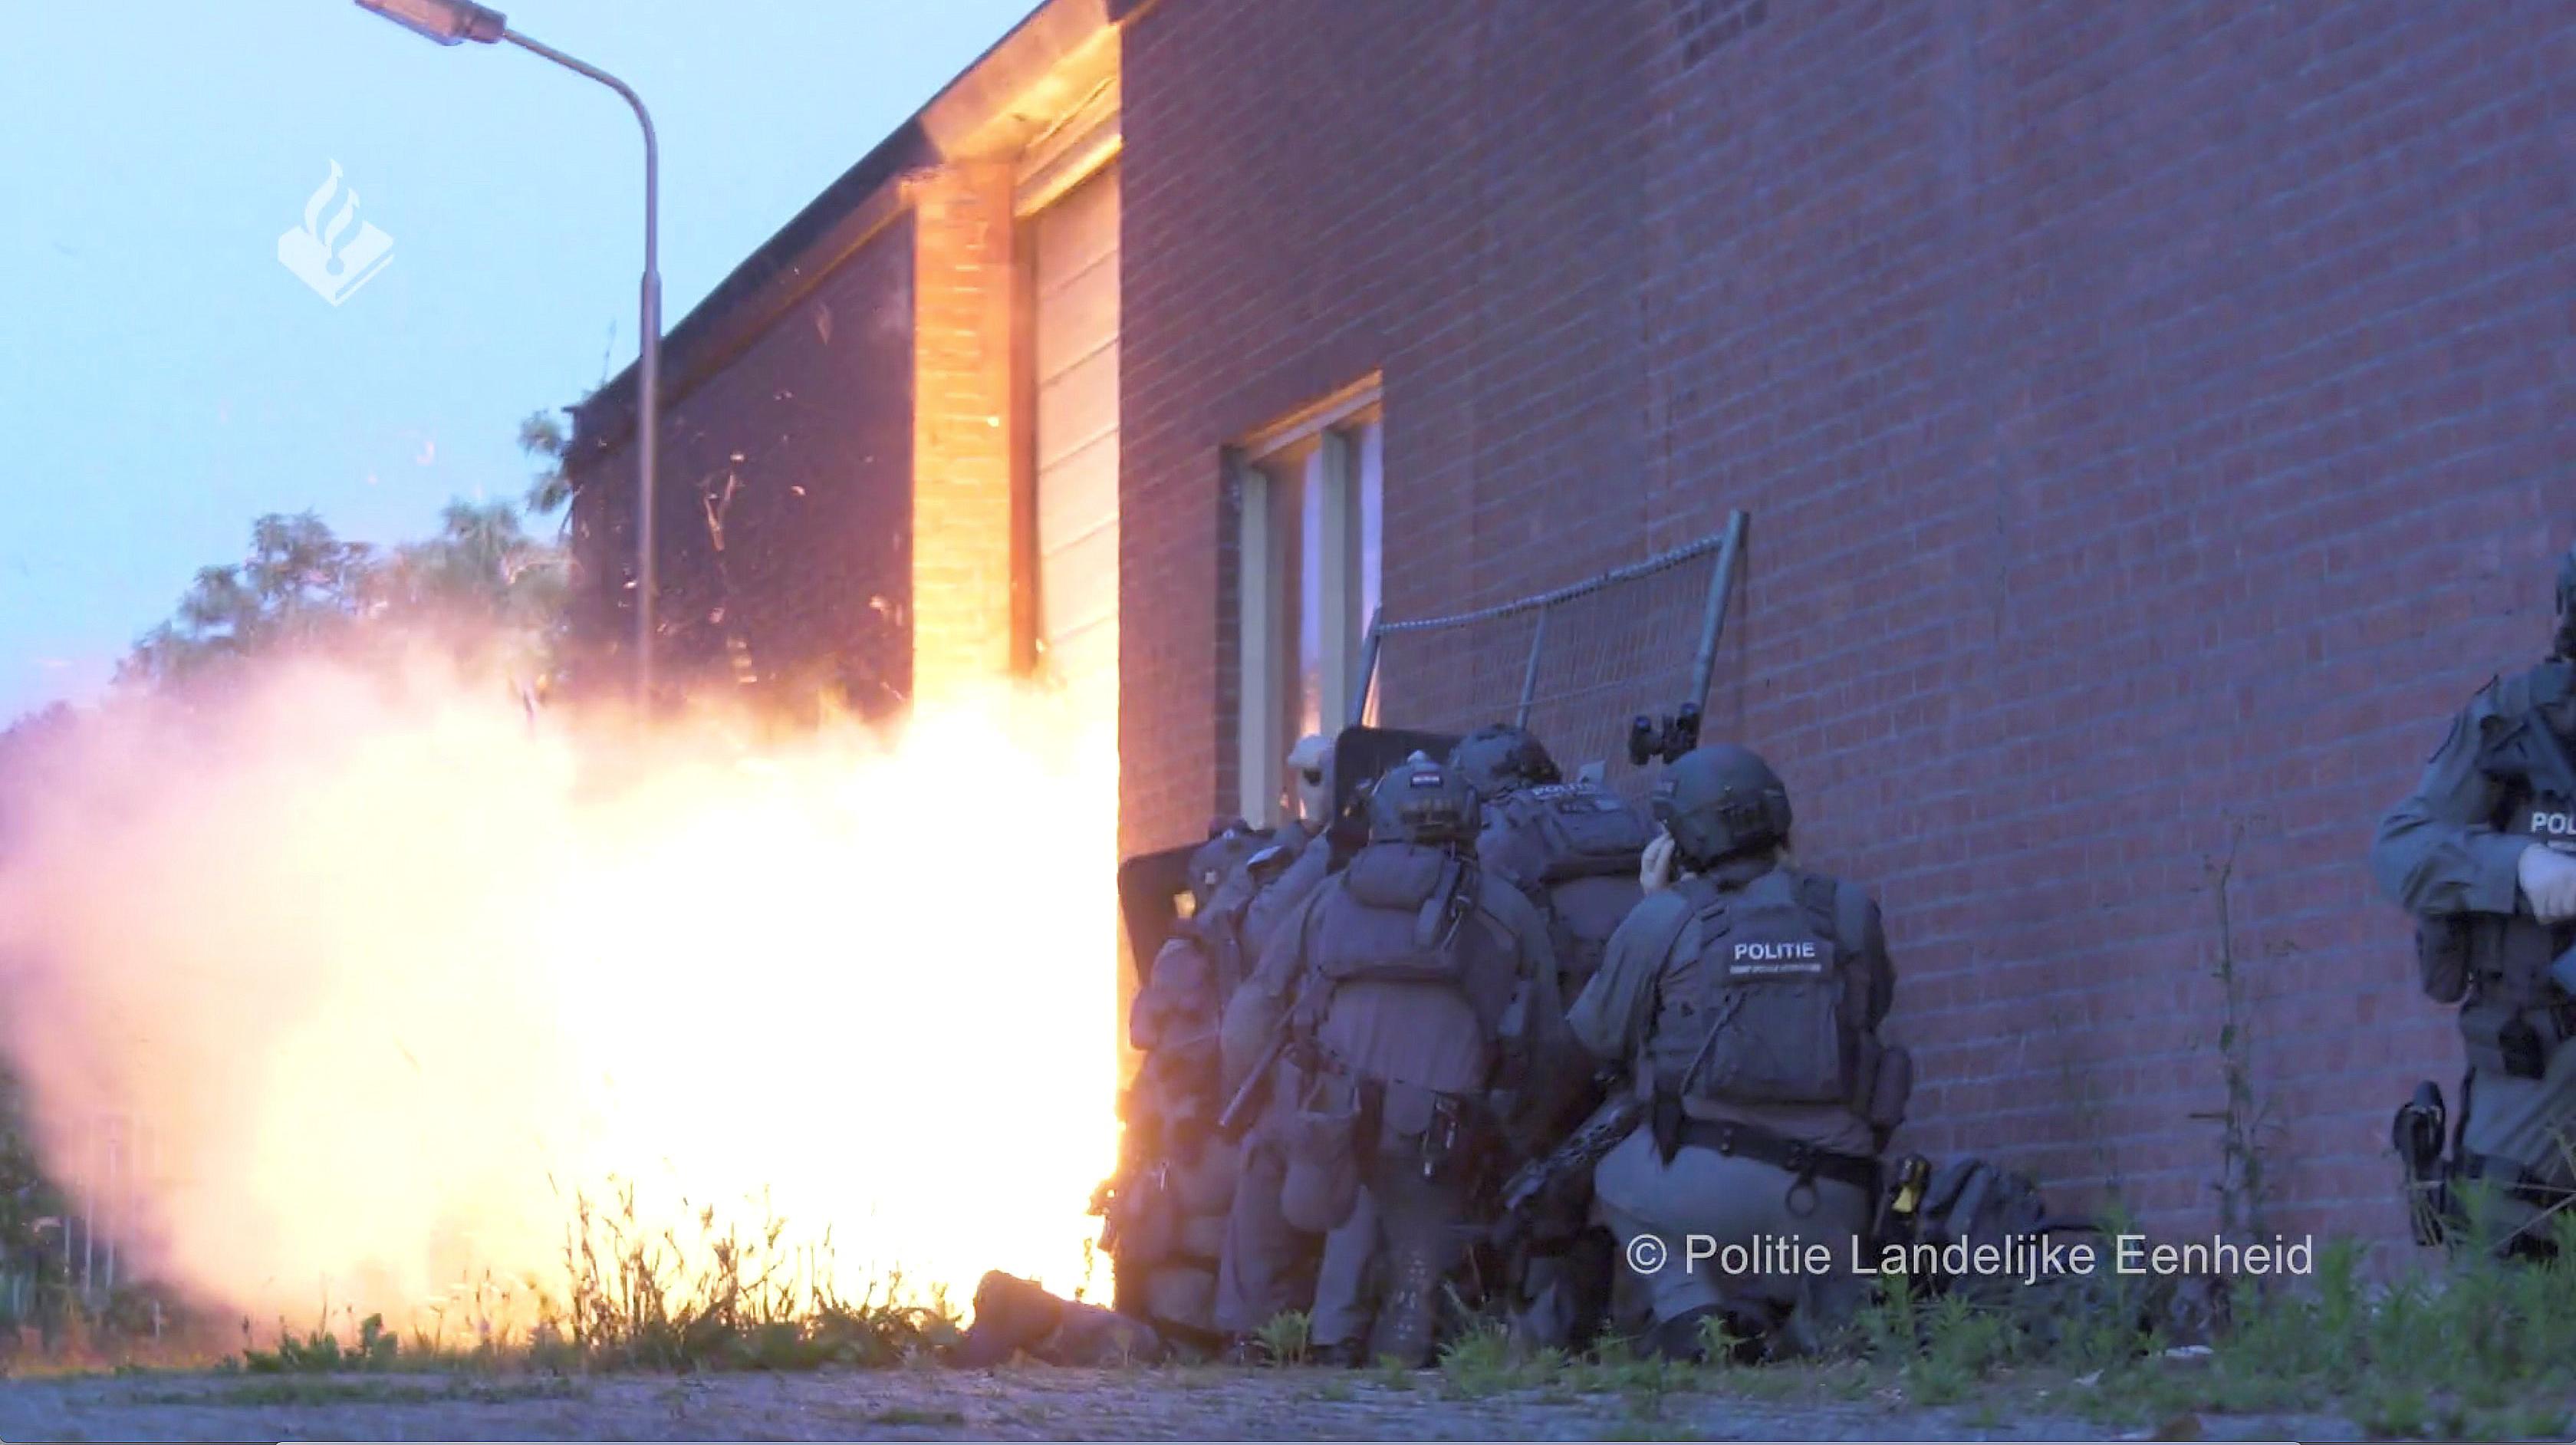 Eine Polizeispezialeinheit sprengt den Eingang einer Lagerhalle auf.